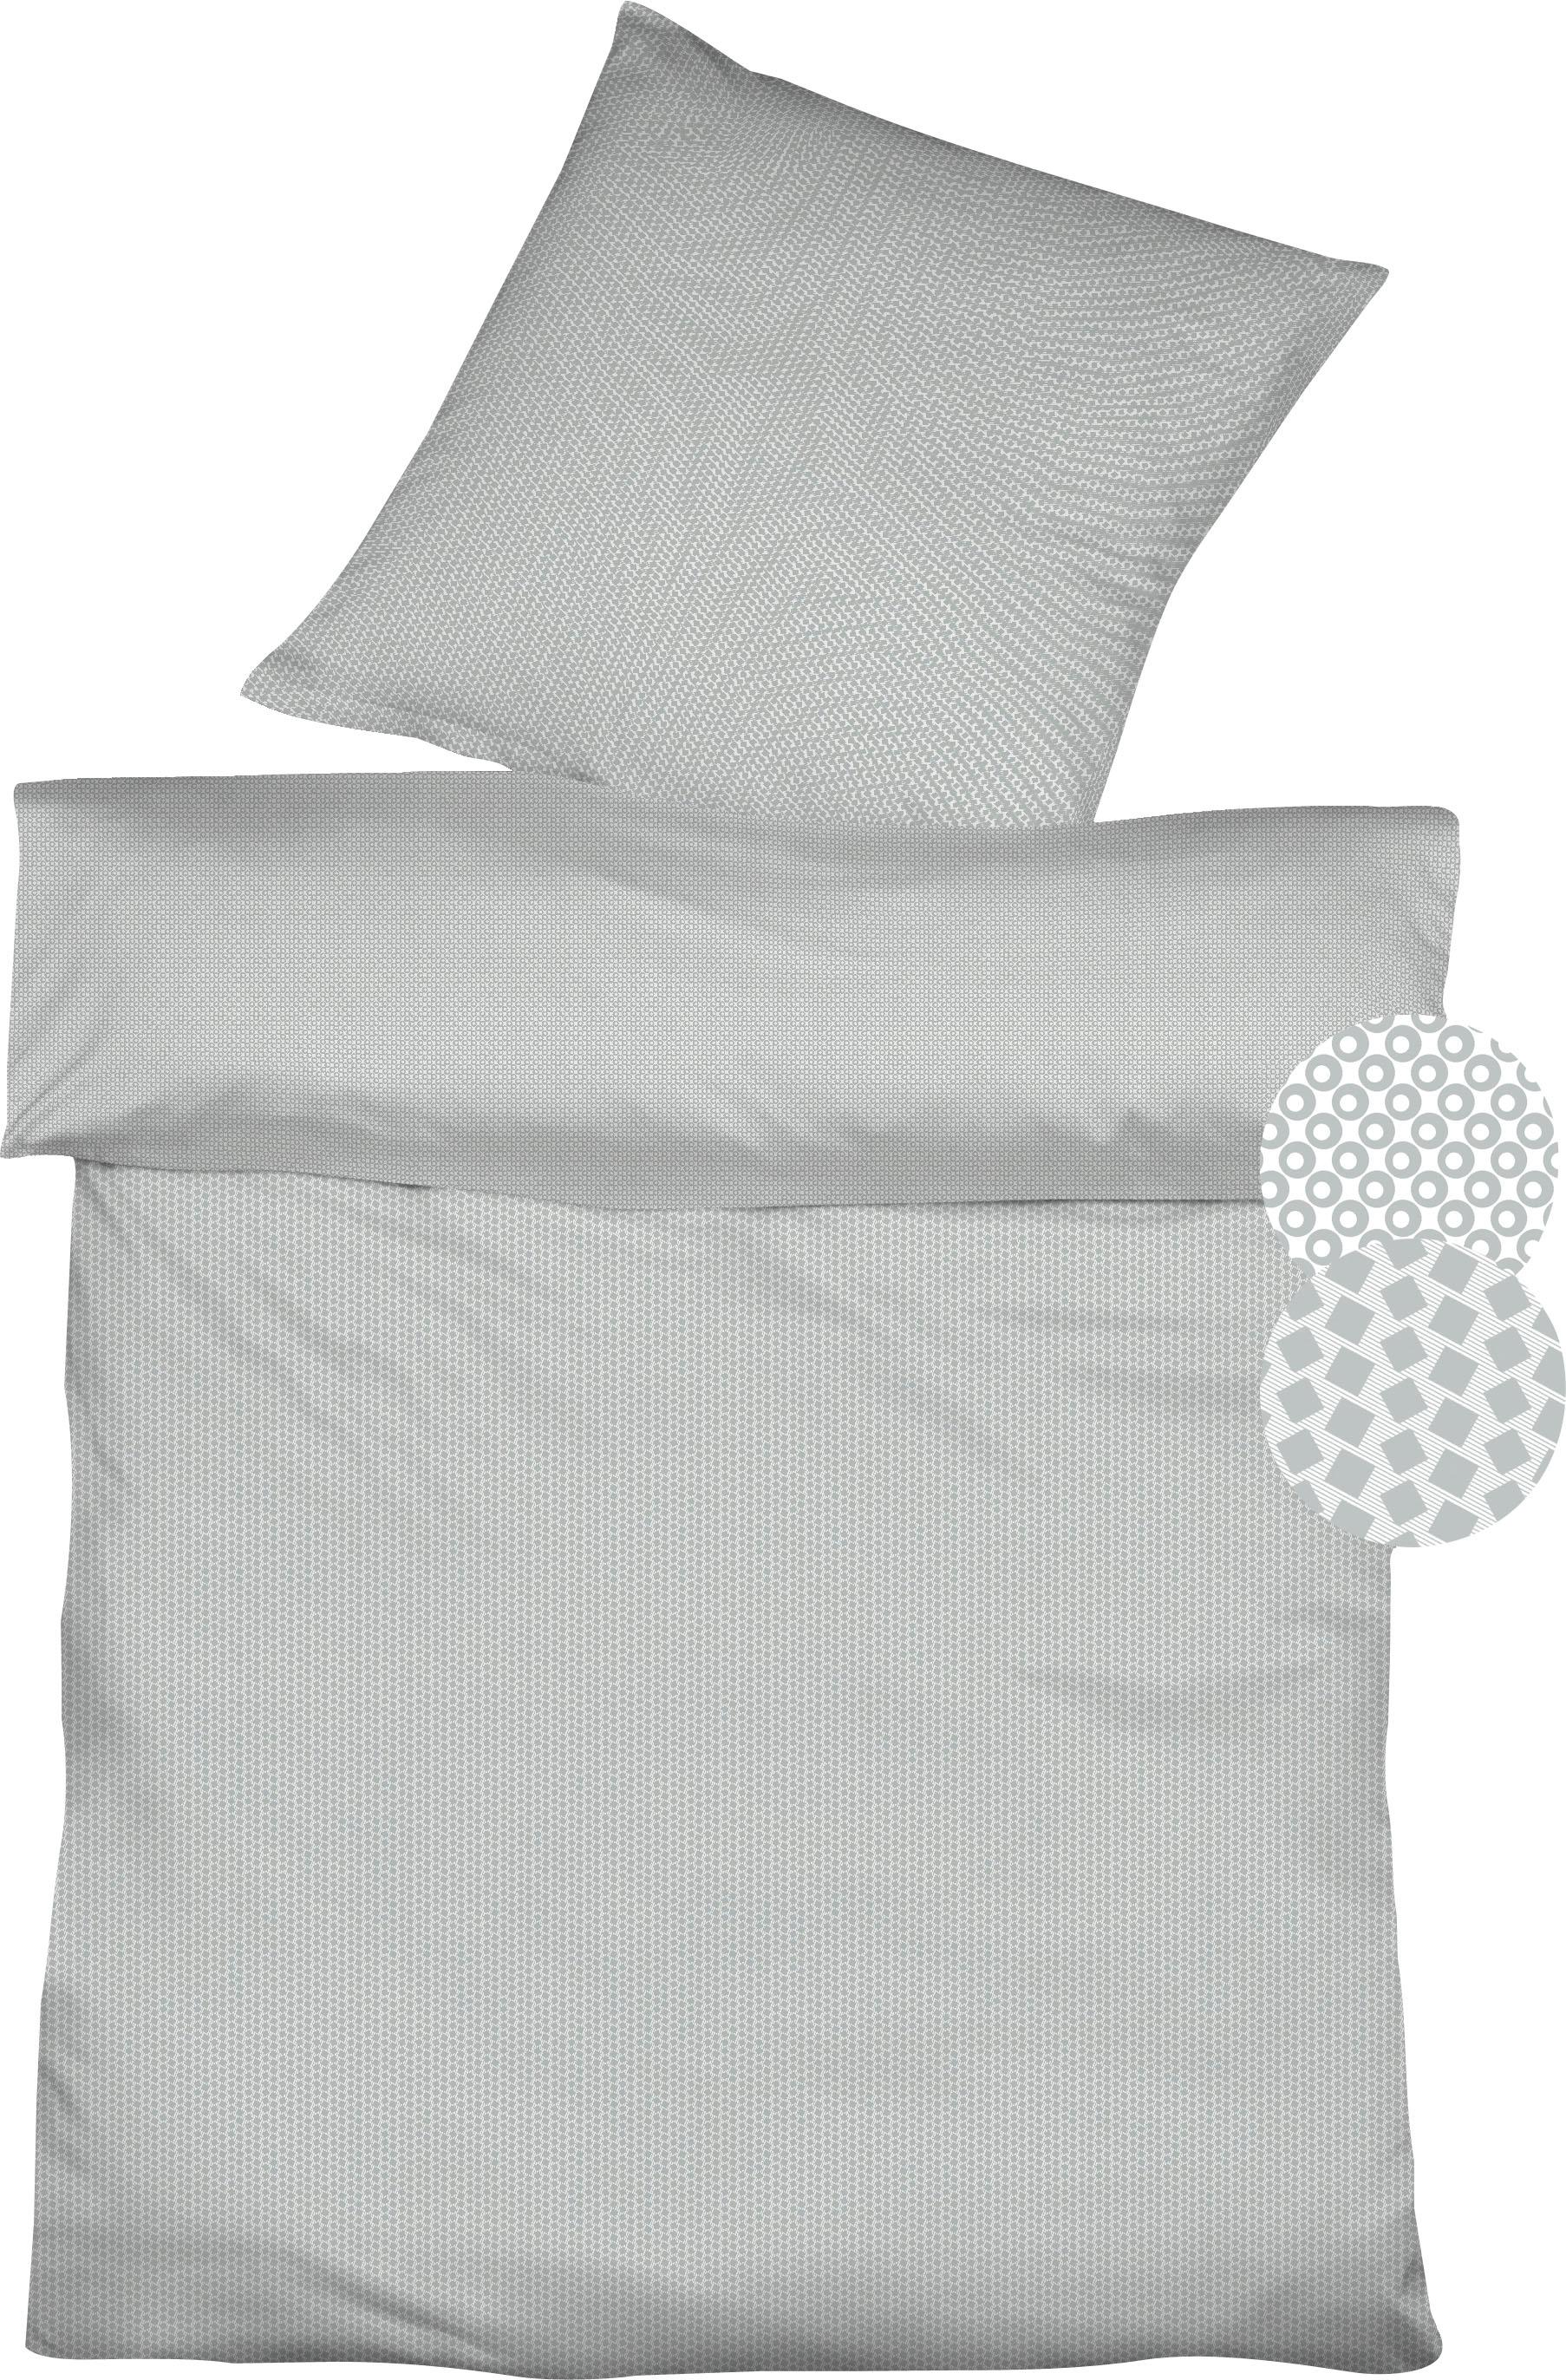 Wendebettwäsche »Topas Double«, fleuresse   Heimtextilien > Bettwäsche und Laken > Bettwäsche-Garnituren   Interlock - Jersey - Baumwolle   FLEURESSE